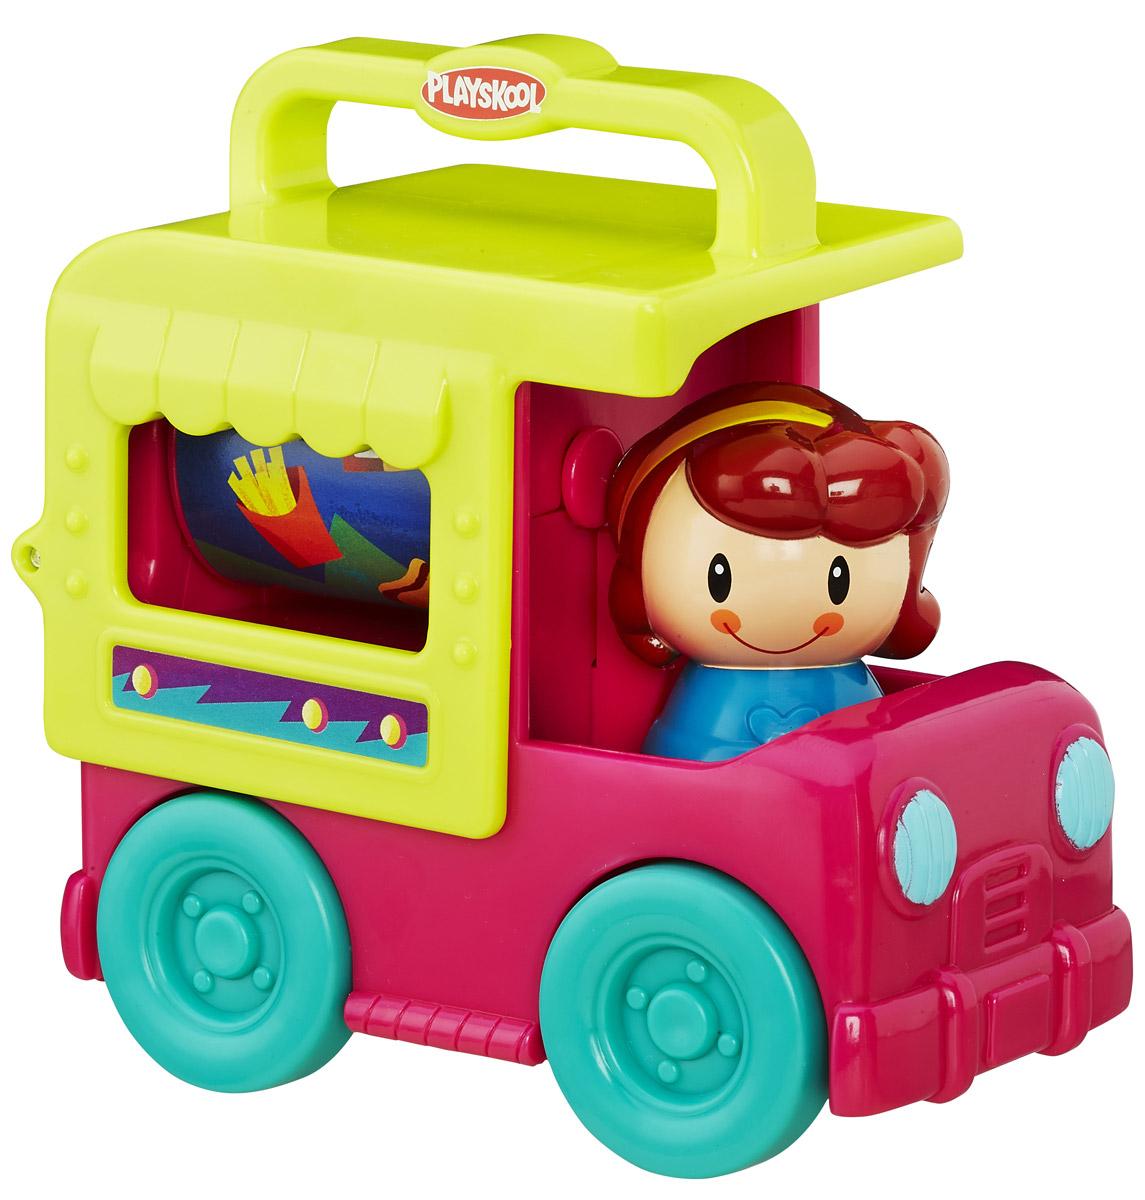 Playskool Развивающая игрушка Грузовичок цвет малиновый желтый зеленыйB4533EU4_B4895Развивающая игрушка Playskool Грузовичок привлечет внимание вашего малыша и не позволит ему скучать! Выполненная из безопасного пластика, игрушка представляет собой грузовичок с водителем. Водитель поворачивается с щелкающими звуками, крыша машинки откидывается назад, открывая находящийся в кузове барабан, украшенный изображением еды. Барабан крутится. Колеса машинки свободно вращаются. Игрушка легко помещается в сумку, у нее нет отдельных деталей, которые могут потеряться. Размер ручки для переноски на крыше машинки идеально подходит для малышей.